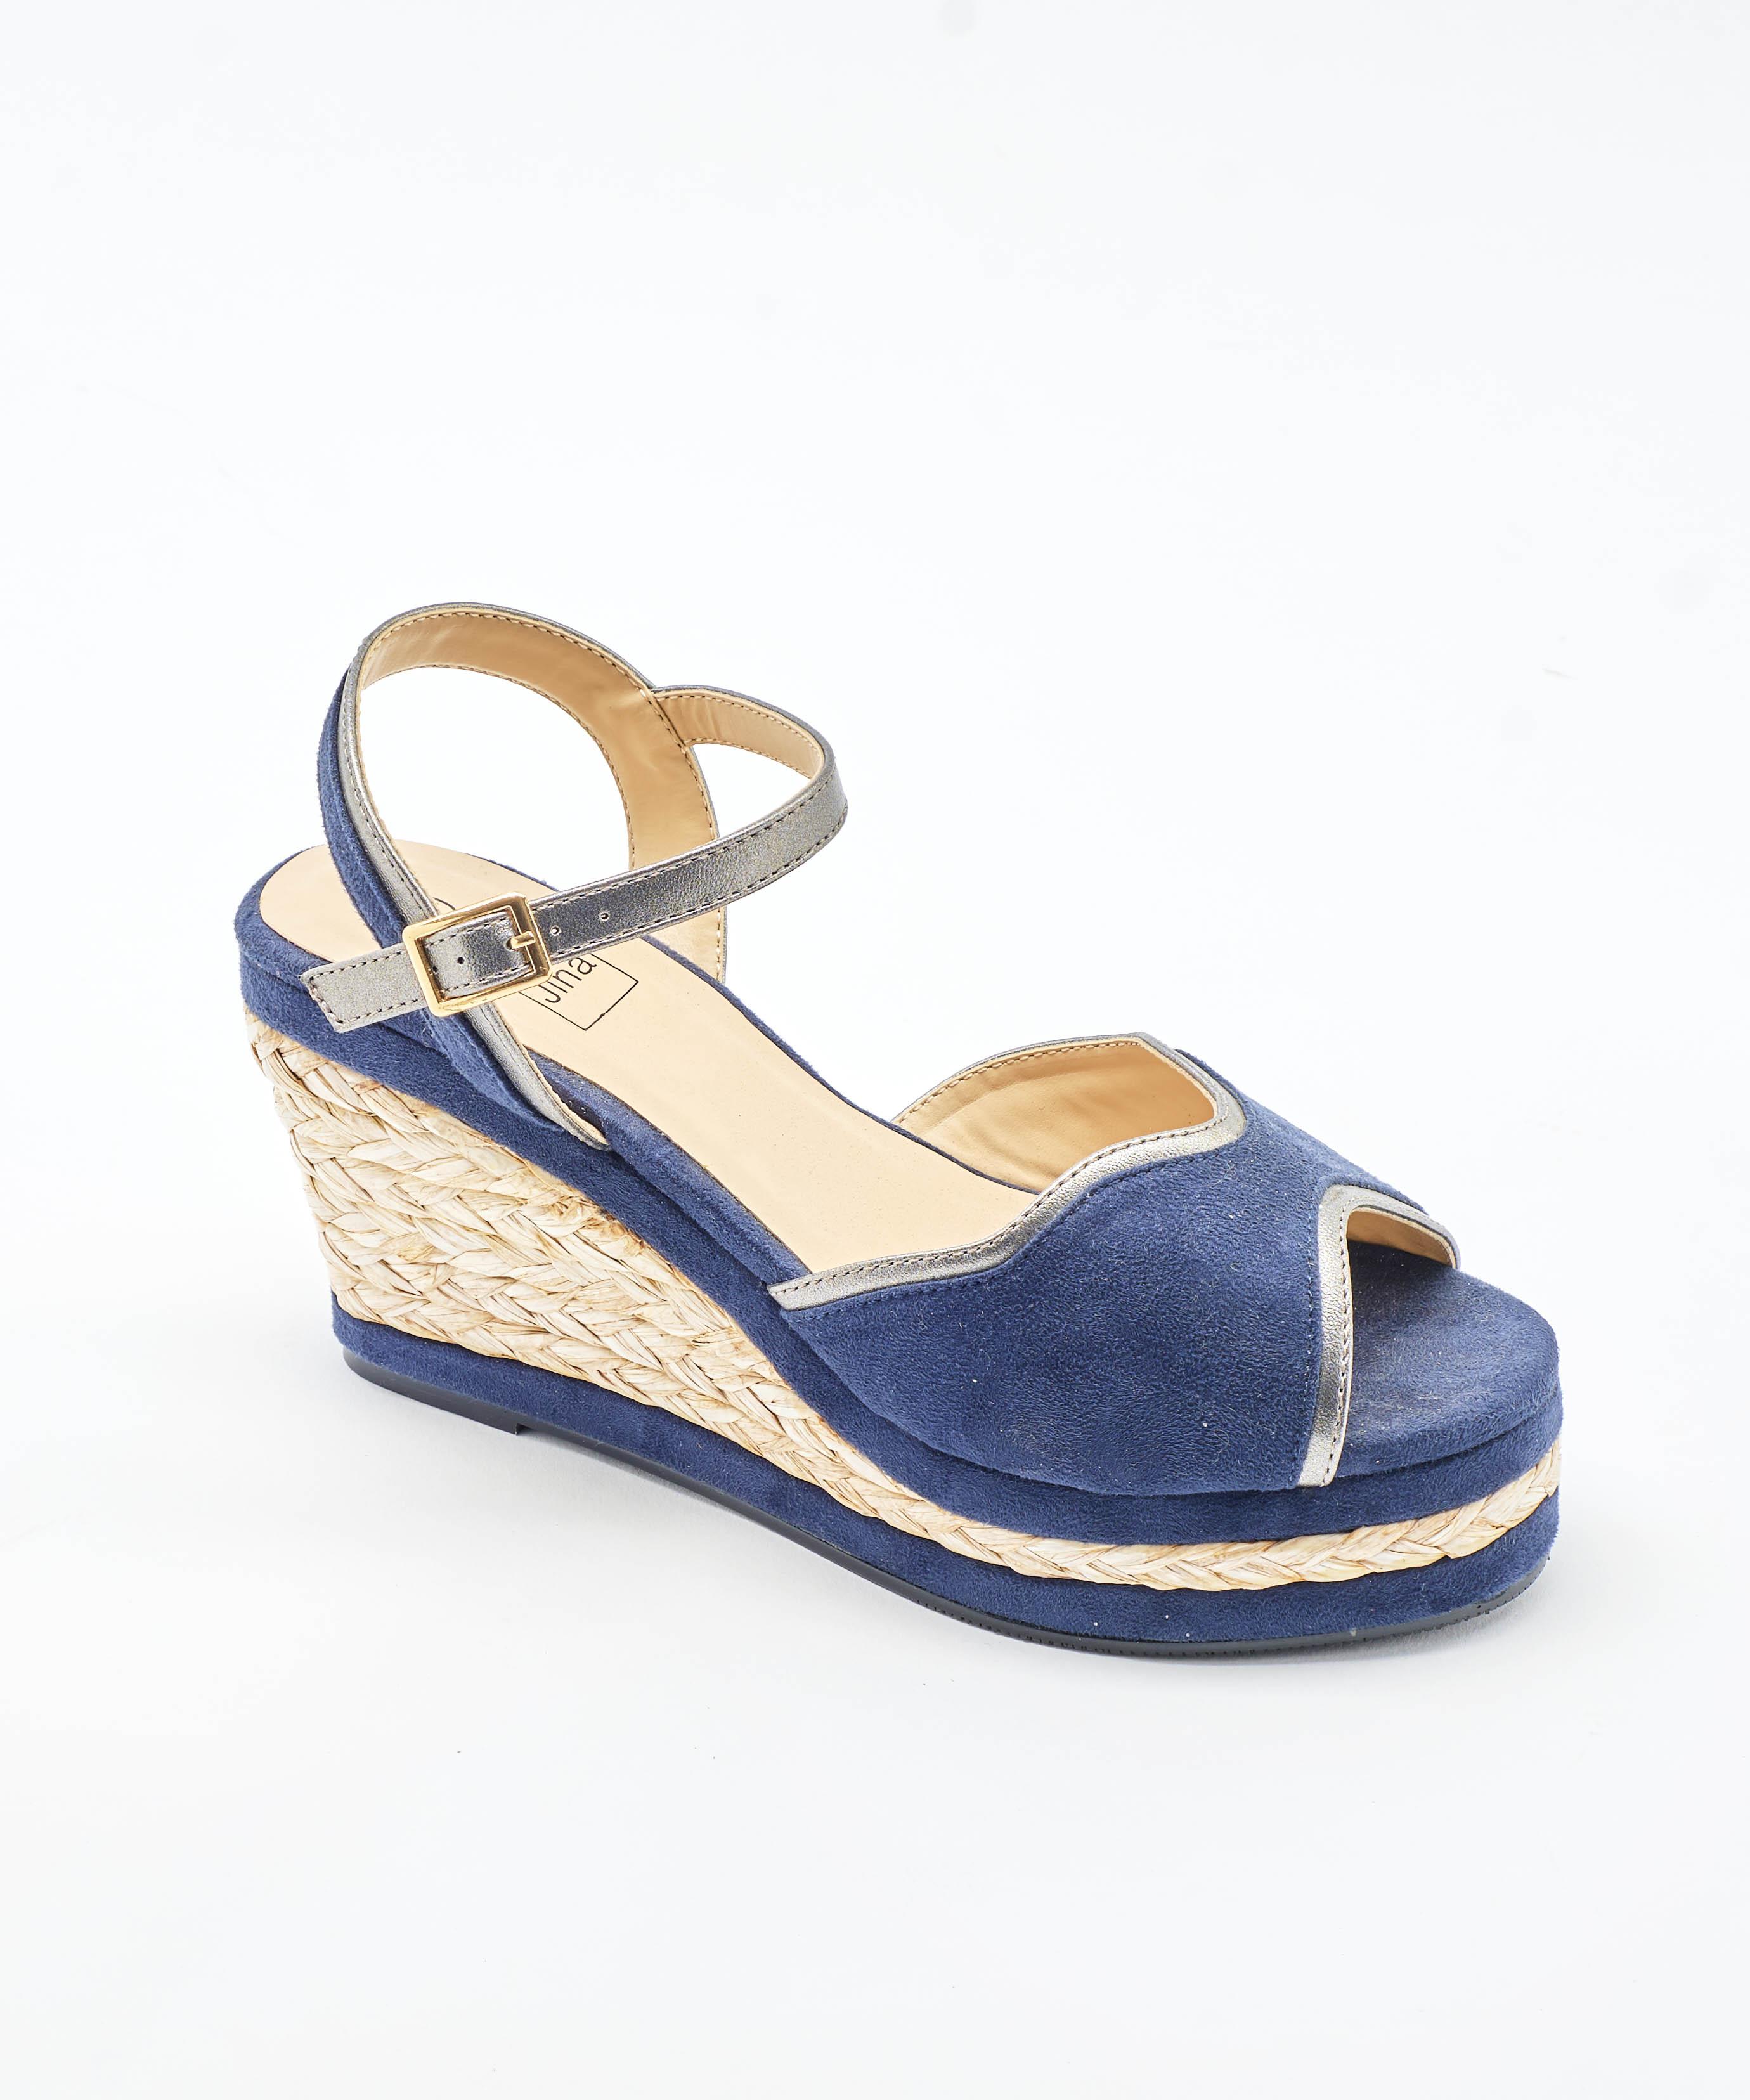 Sandales Compensées Femme - Sandale Talon Compensee Marine Jina - Style 1